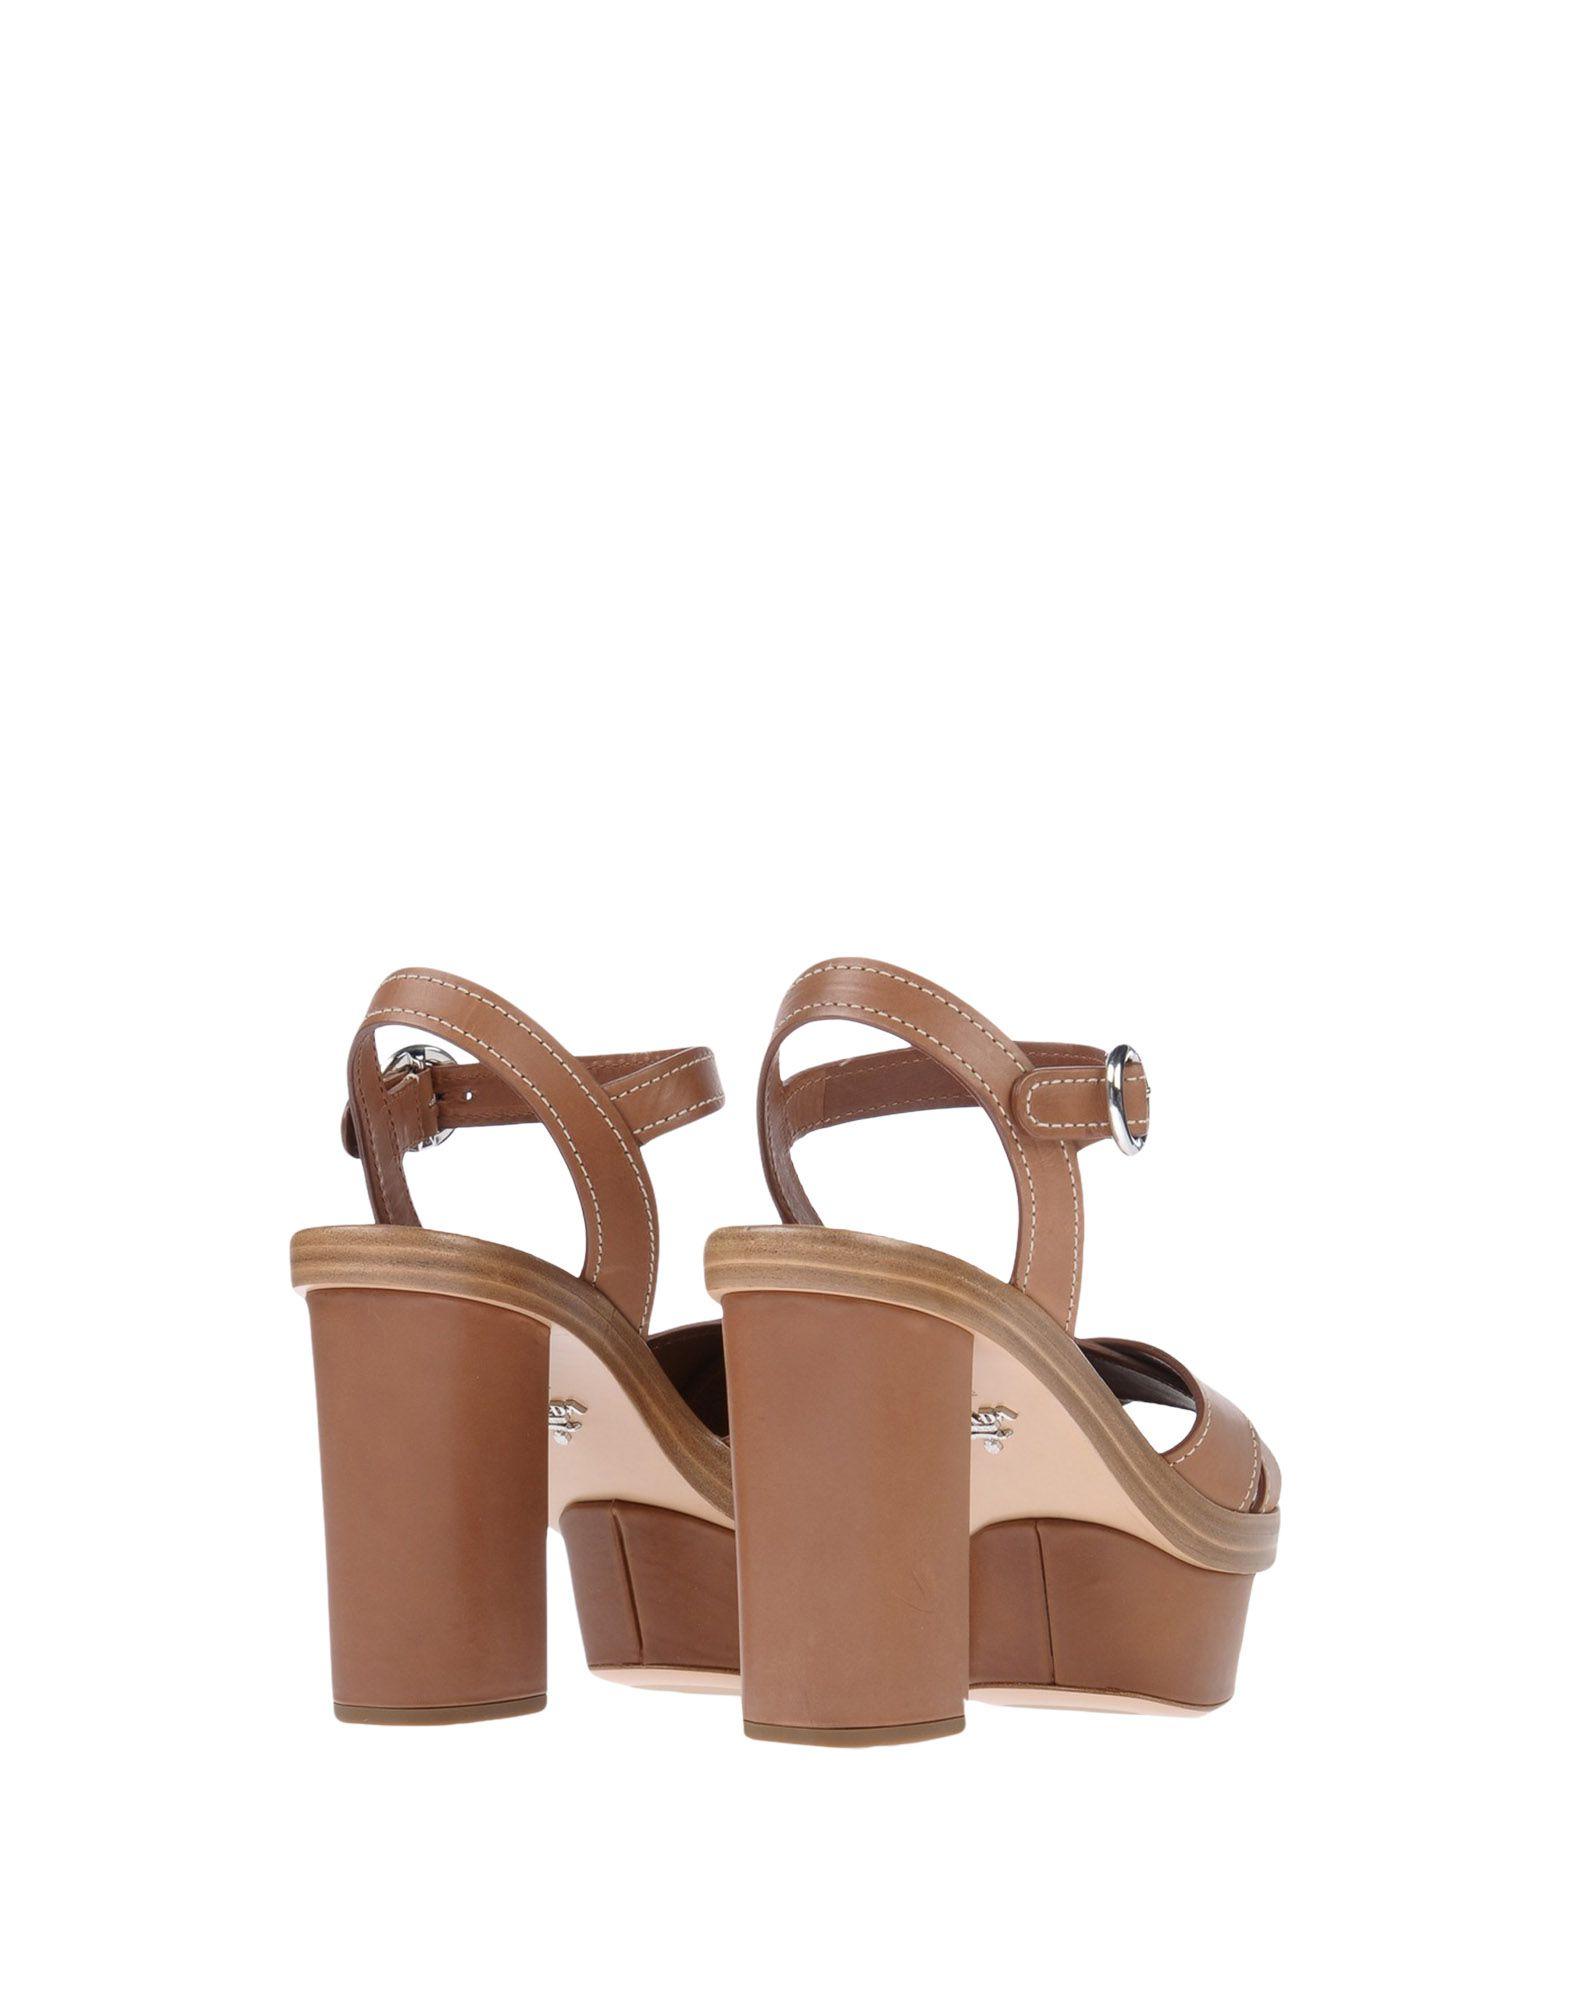 Prada gut Sandalen Damen  11487709CRGünstige gut Prada aussehende Schuhe 3905ae